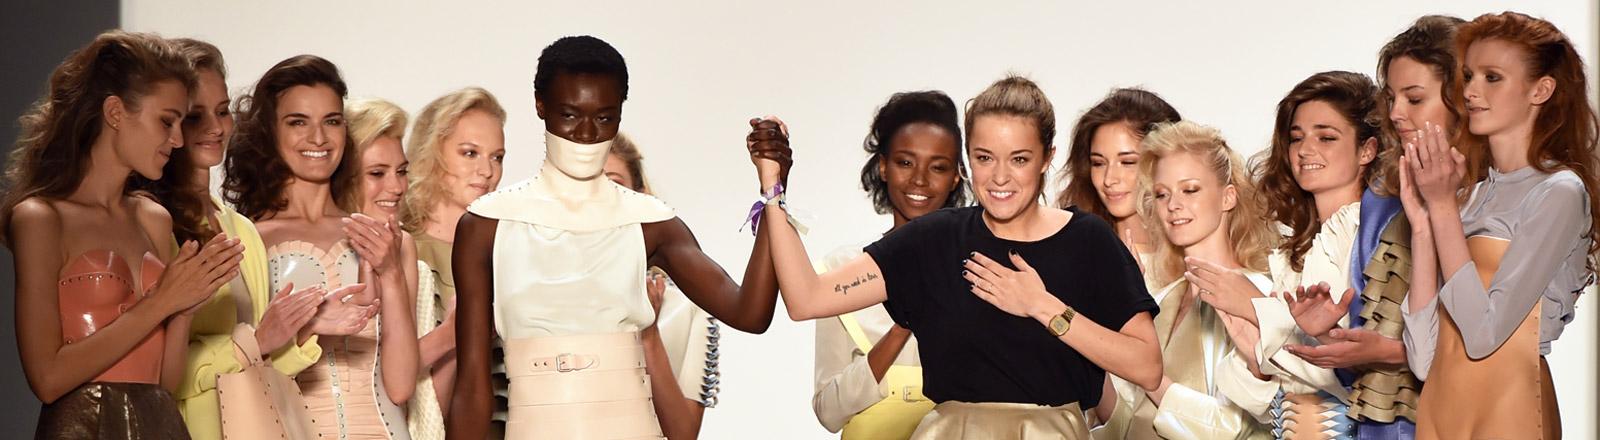 Modedesignerin Marina Hoermanseder mit Models auf dem Laufsteg.